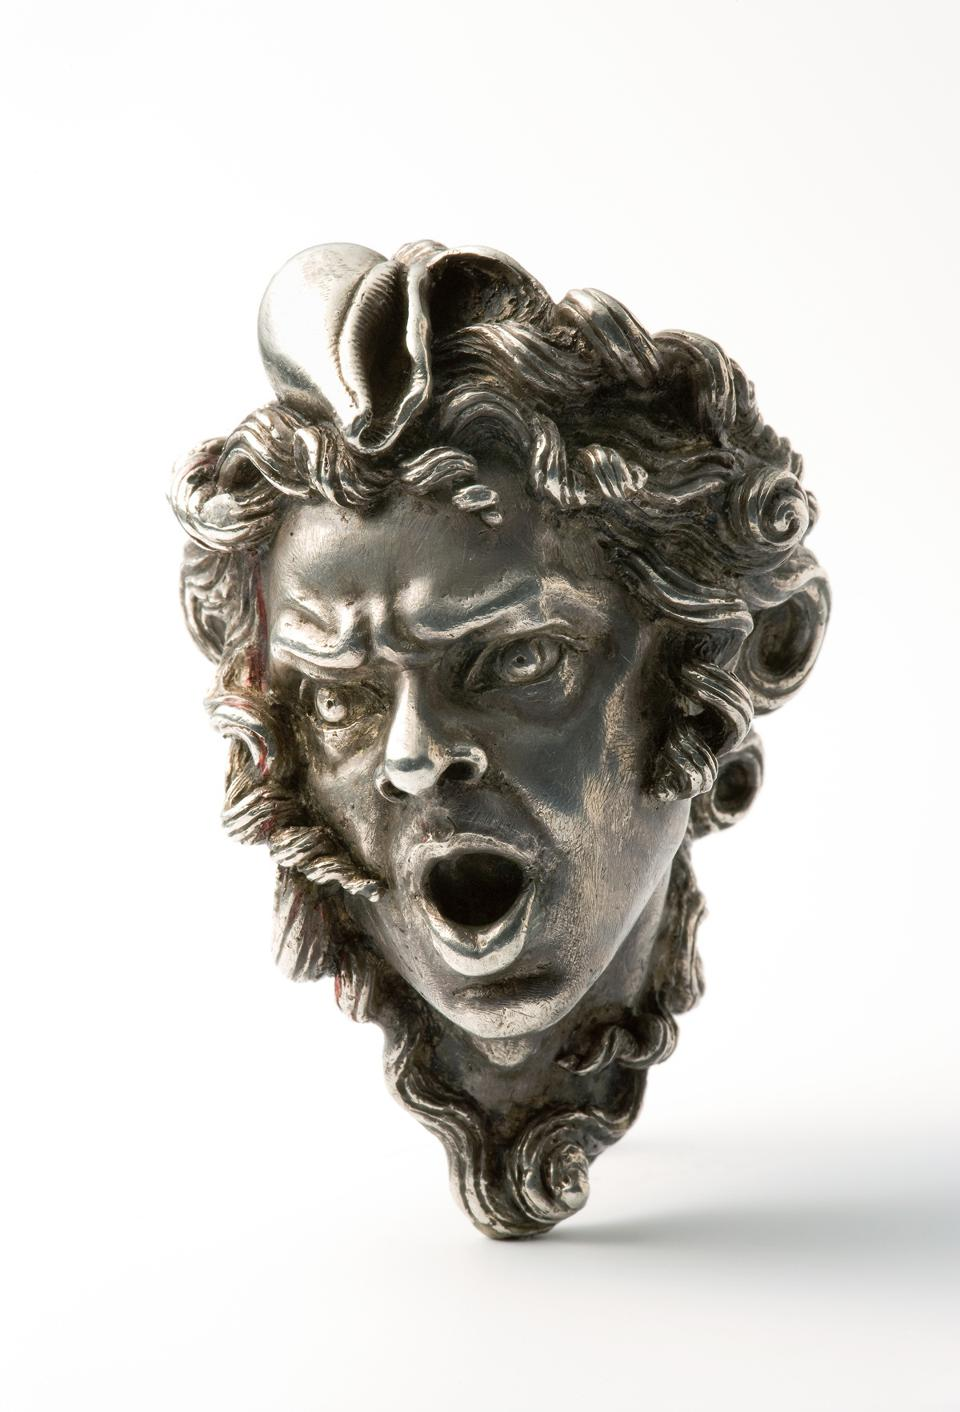 Sterling silver merman ring by Danish artist Arje Griegst.